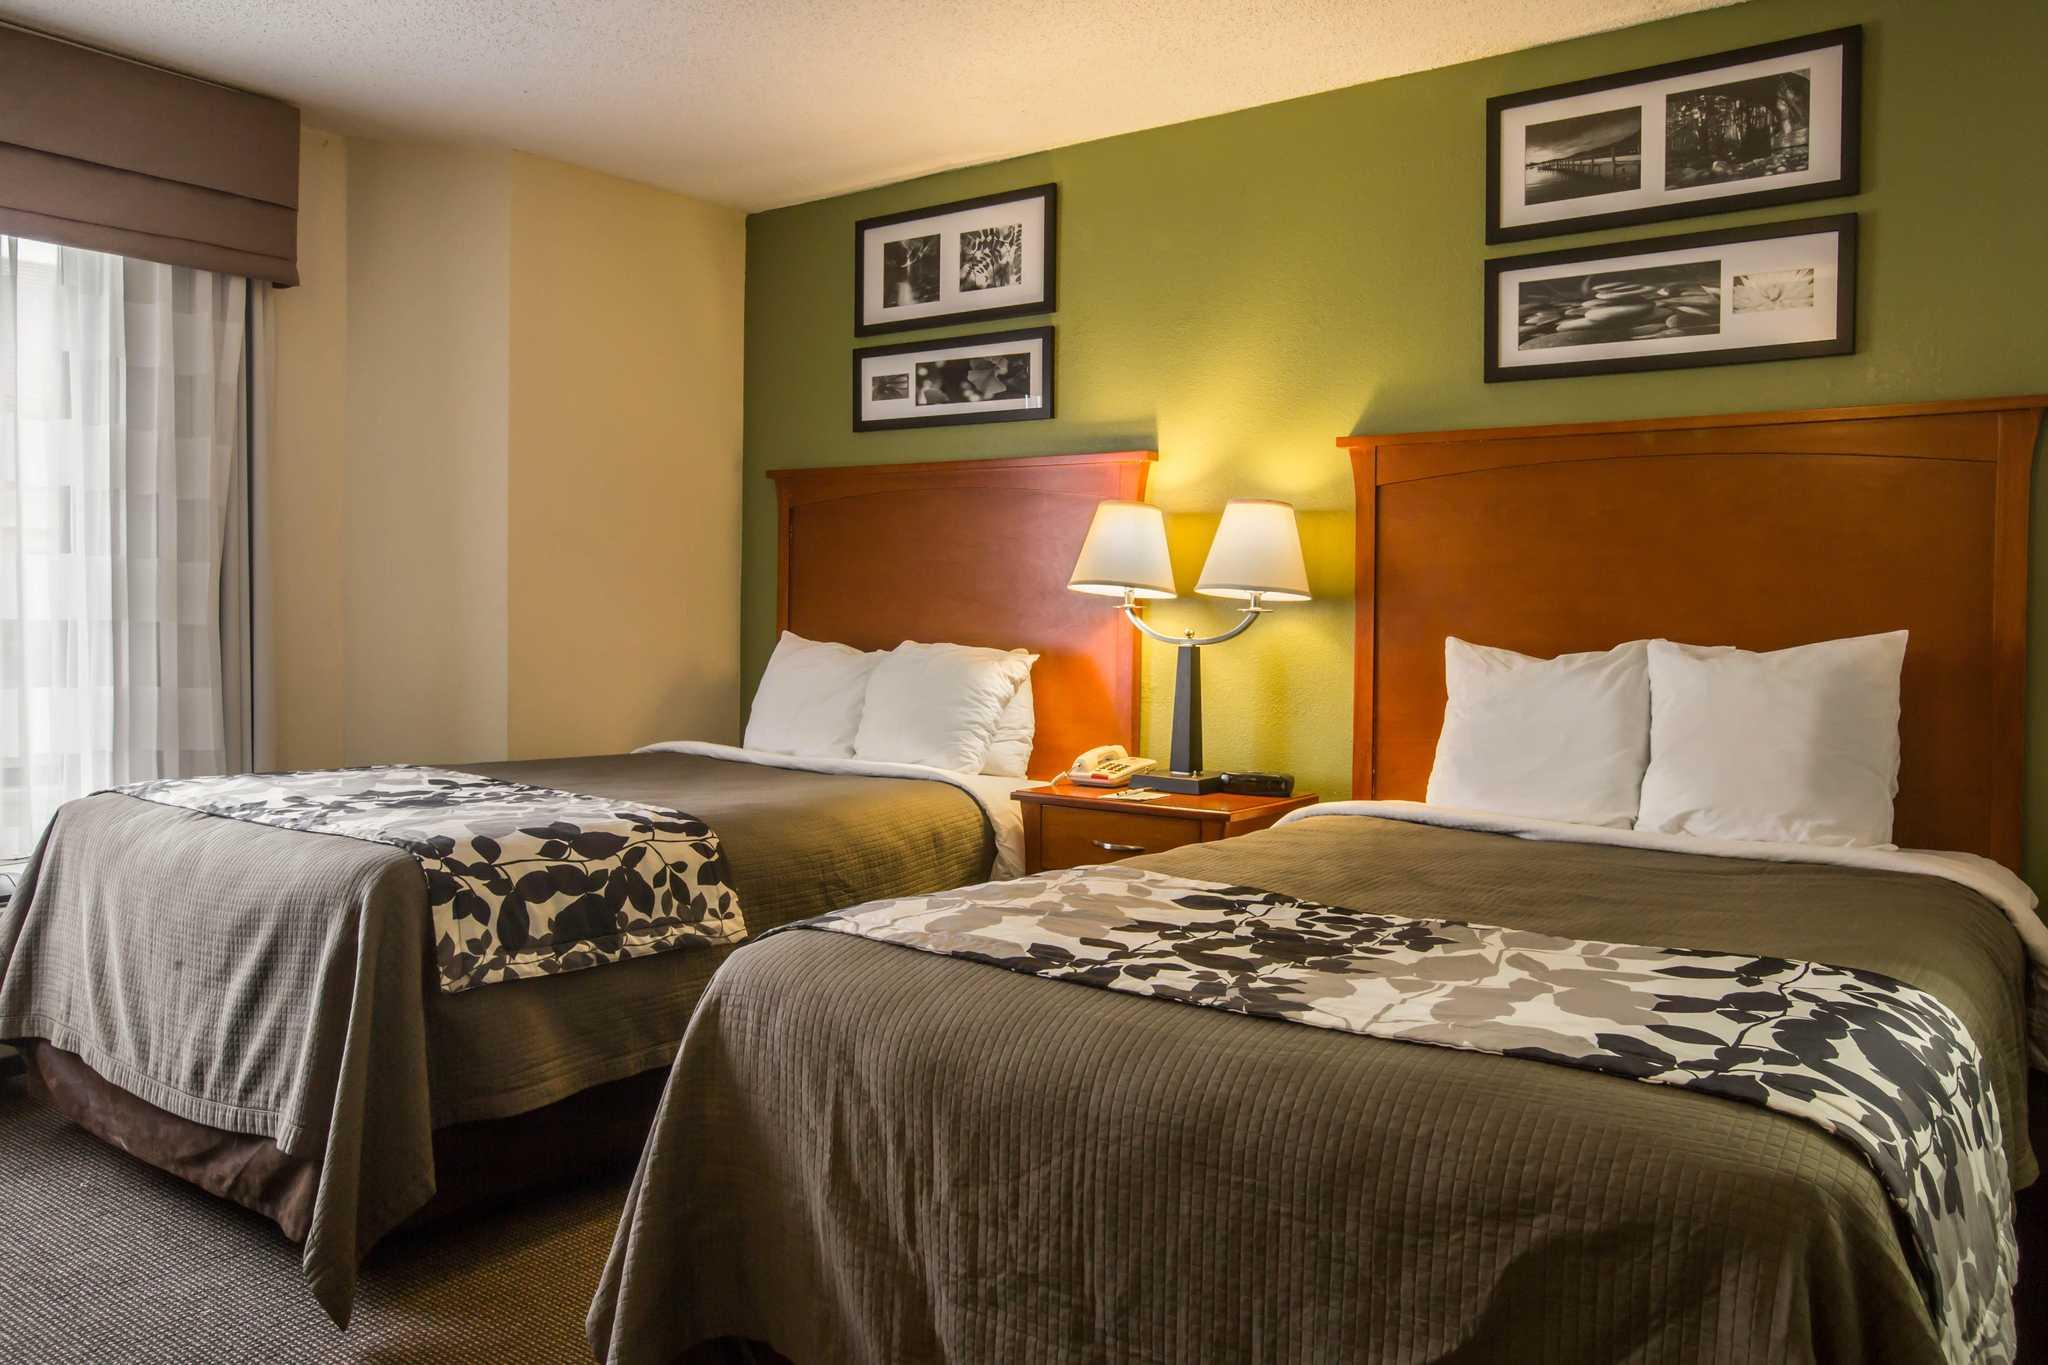 Sleep Inn North image 0